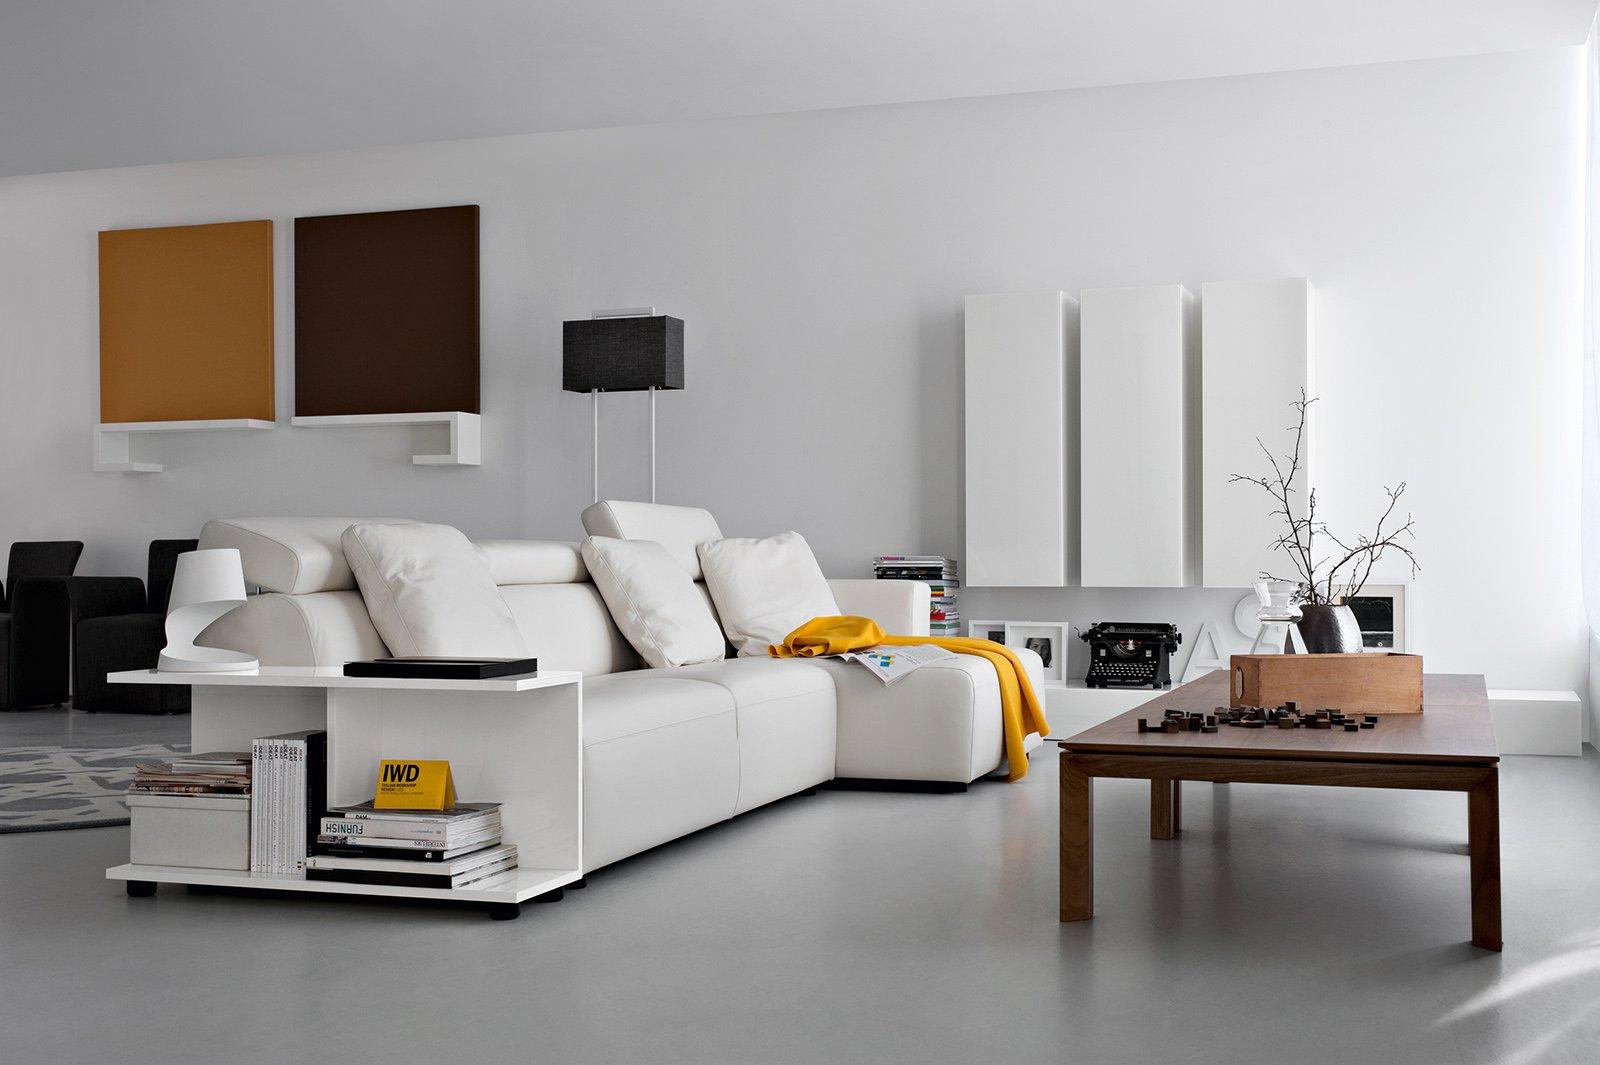 Librerie Dietro Al Divano : Consolle dietro divano decorazioni per la casa salvarlaile